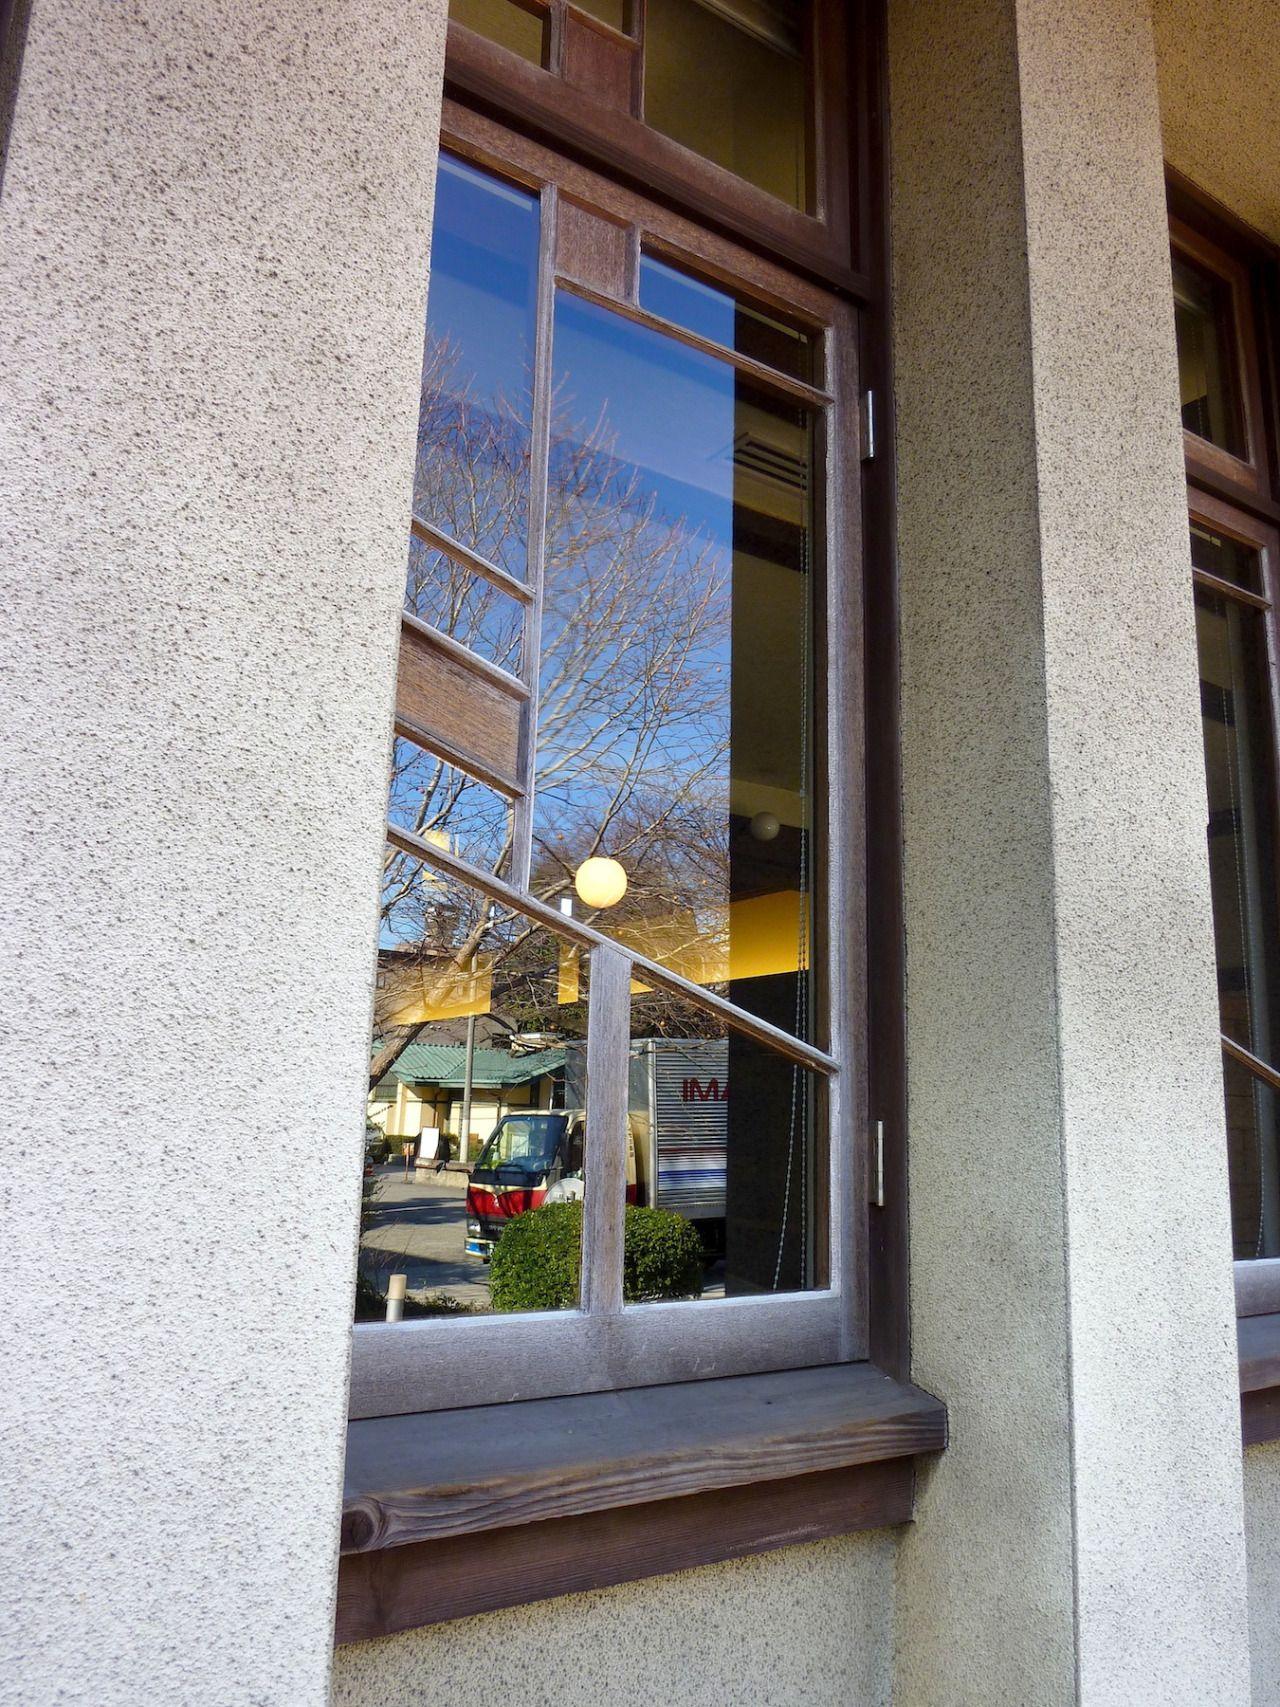 自由学園の校舎がすべて完成した時、  設計したフランク・ロイド・ライトの姿は、  そこにはありませんでした。  .    ライトは、帝国ホテルの仕事を事実上解任され、  1922年(大正11年)に、  すでに日本を去っていて、  その後、二度と再び、  日本の土を踏むことはありませんでした。  .    帝国ホテルが完成したのは、  ライトが帰国してから1年以上経ってからのこと。  .    そして、  自由学園の校舎がすべて完成したのは、  4年後の、  1926年(大正15年)のことでした。  .    ライト帰国後に残された、...